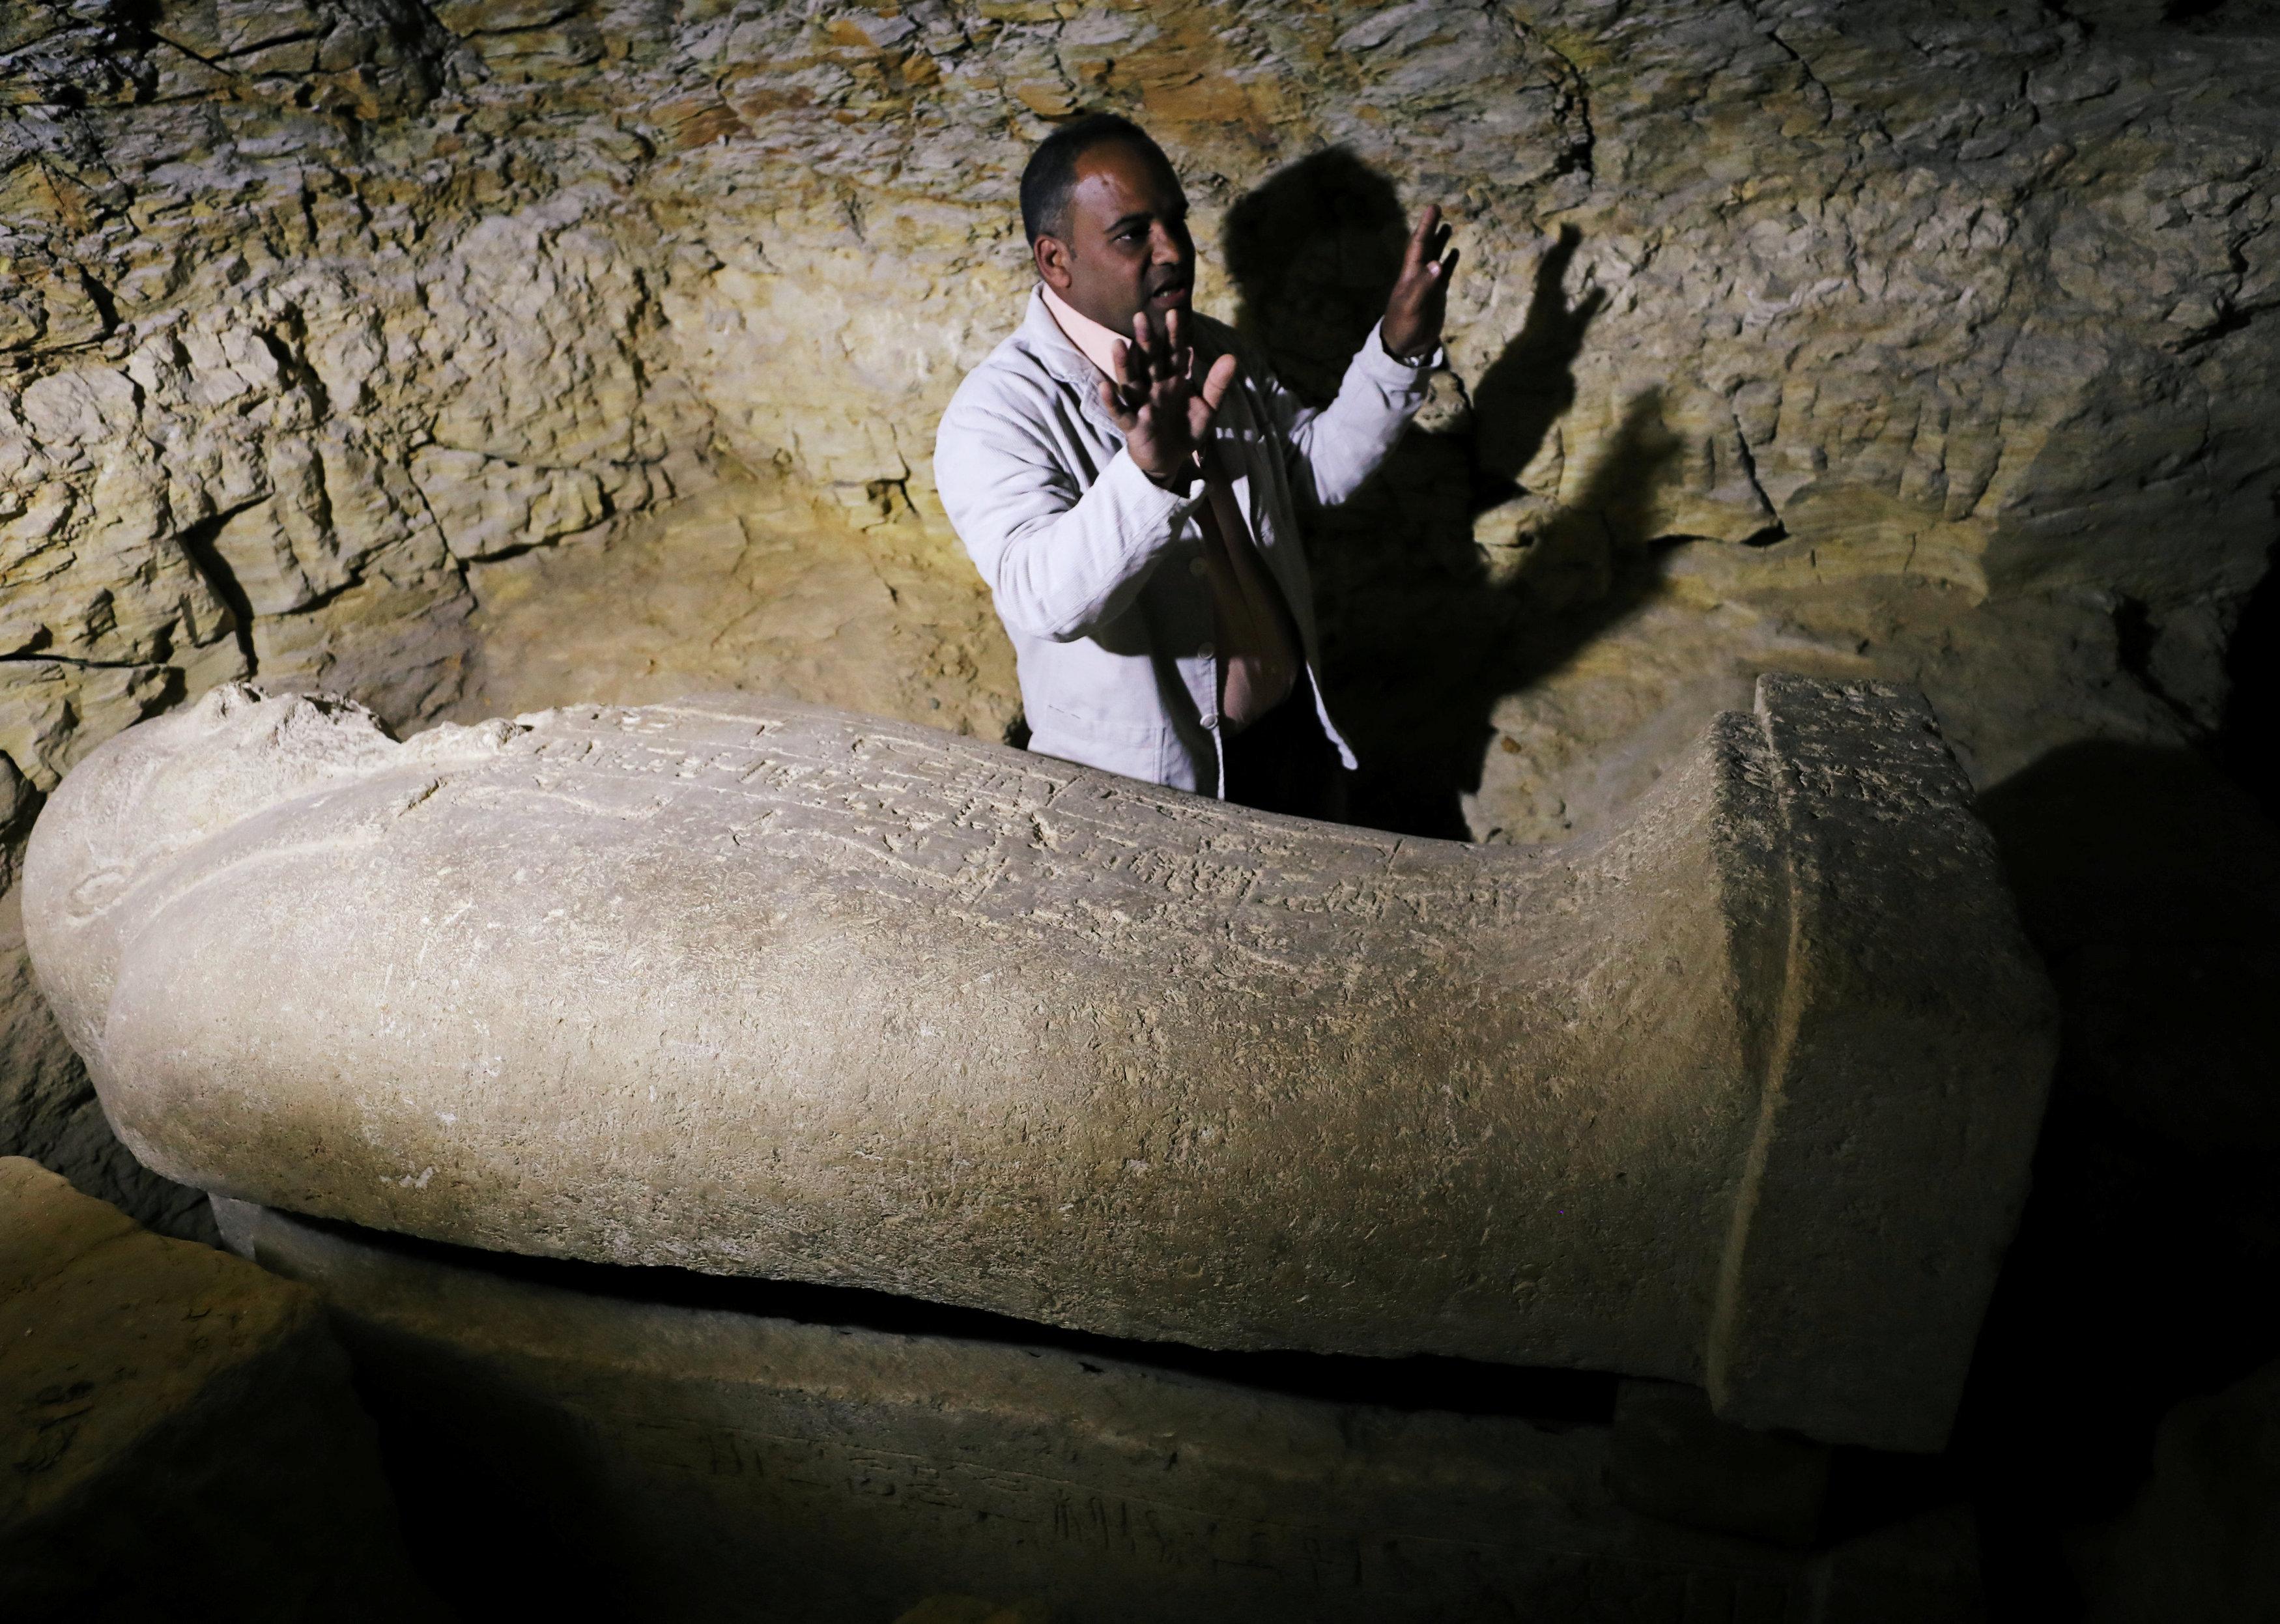 Arqueólogo egípcio dentro da necrópole descoberta perto da cidade de Minia